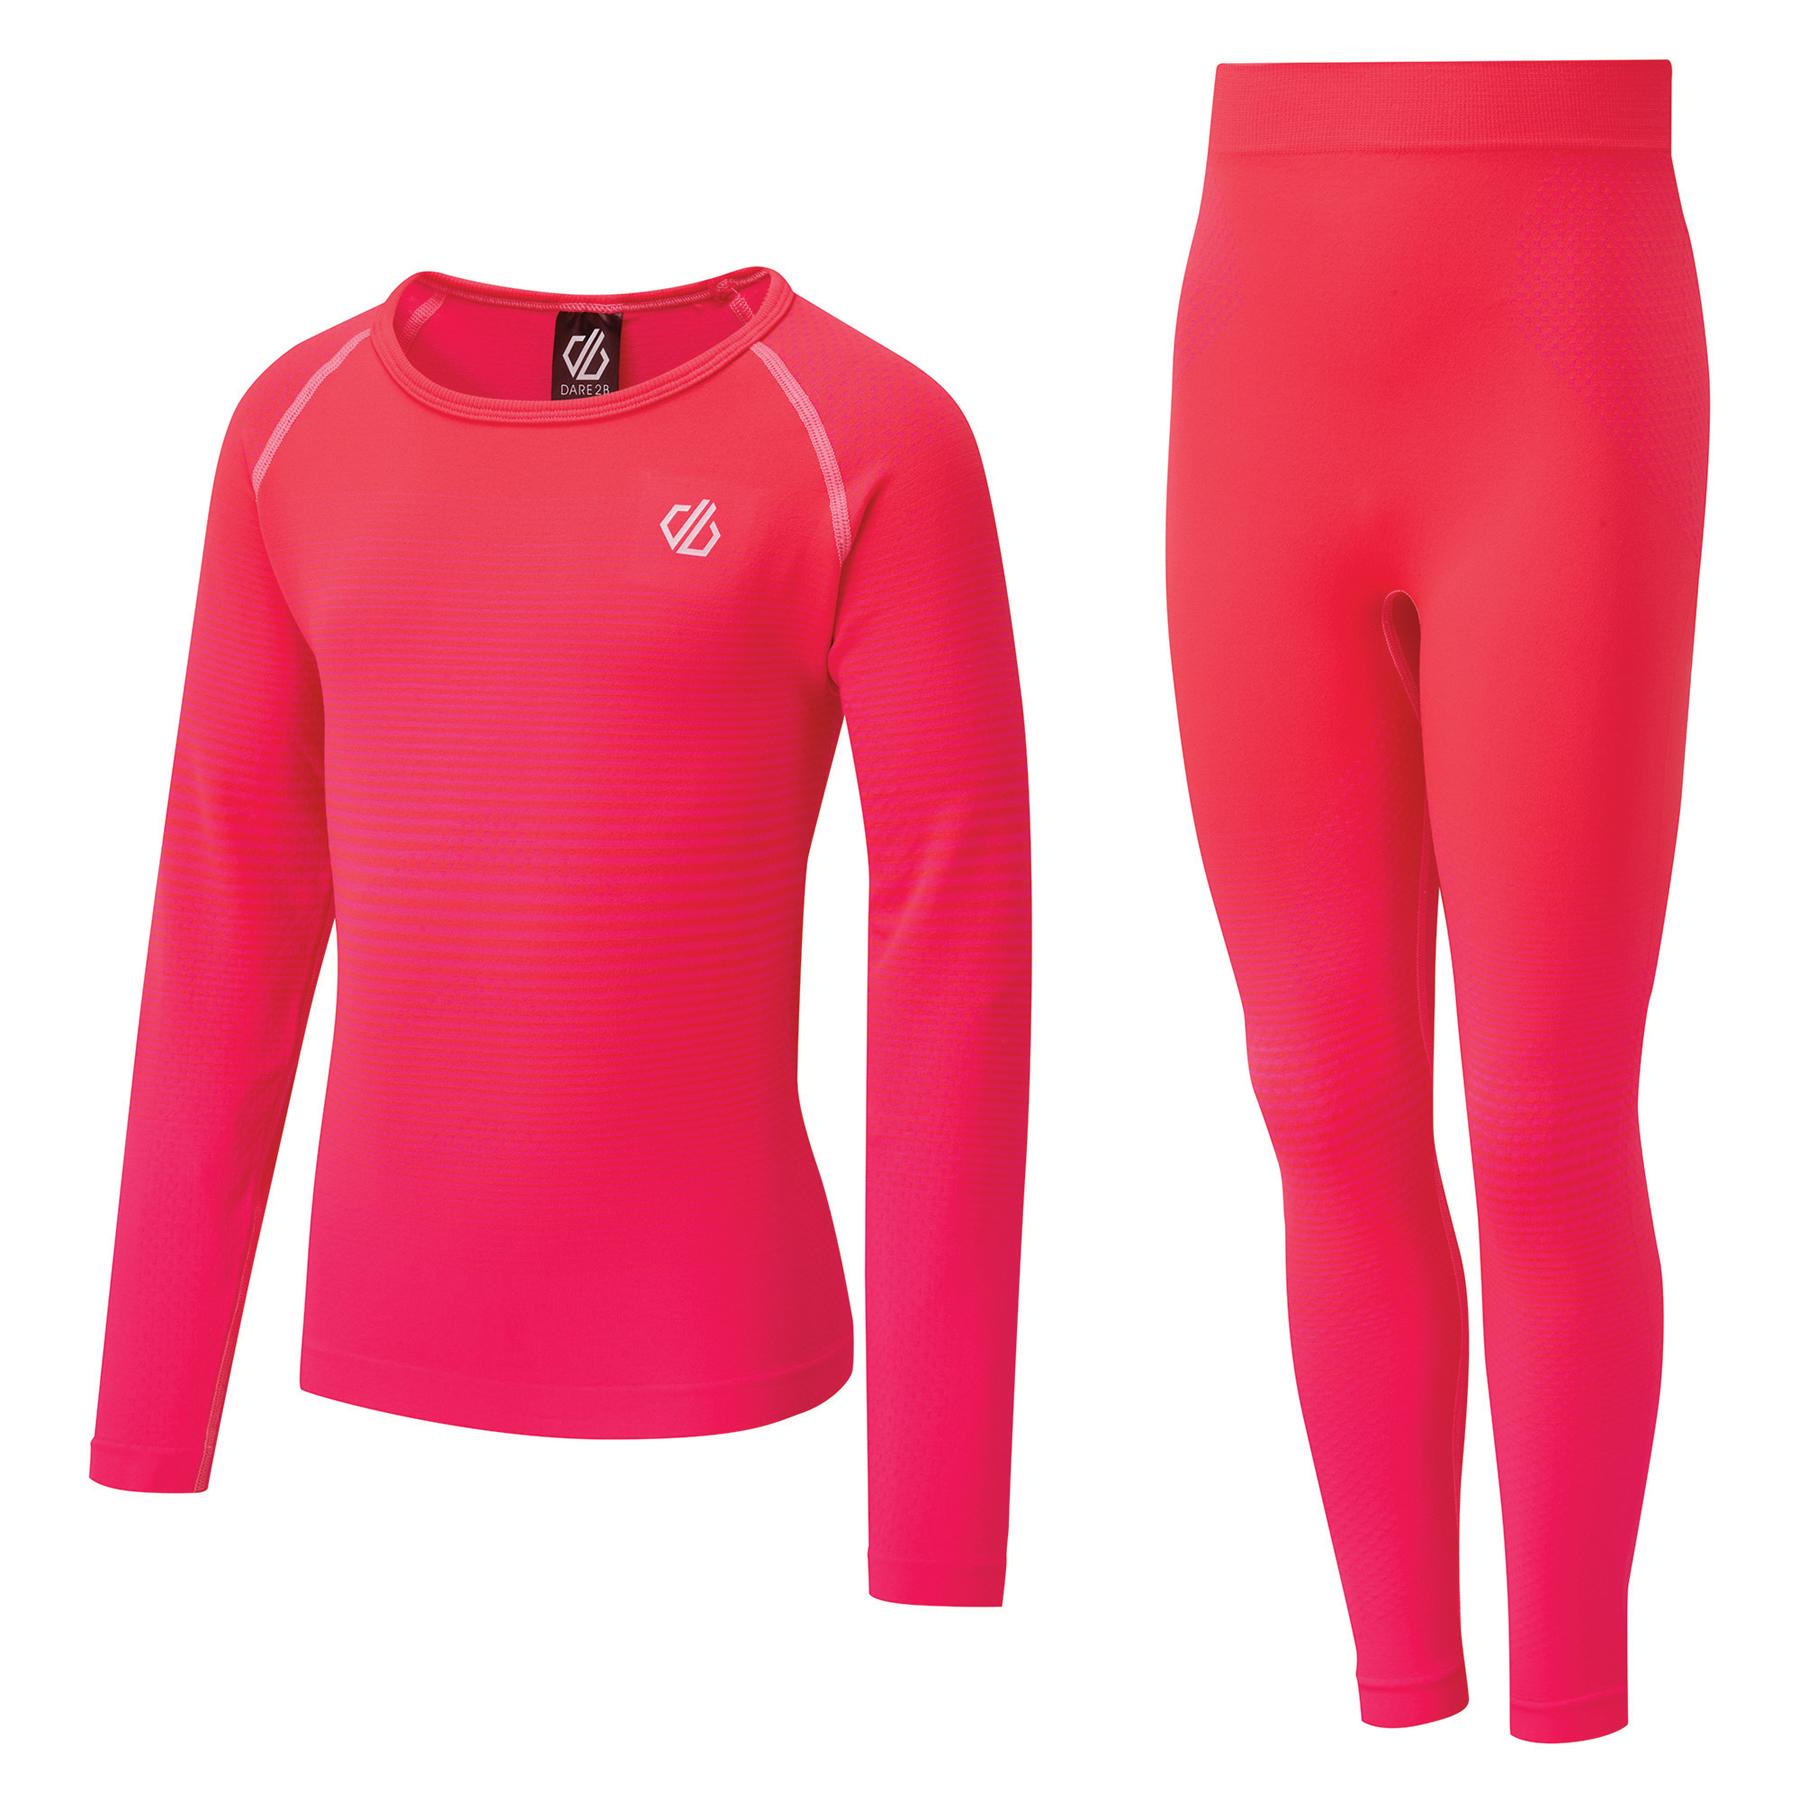 Dare 2b In The Zone Base Layer Underwear Set Kids - L58 Neon Pink Gradient